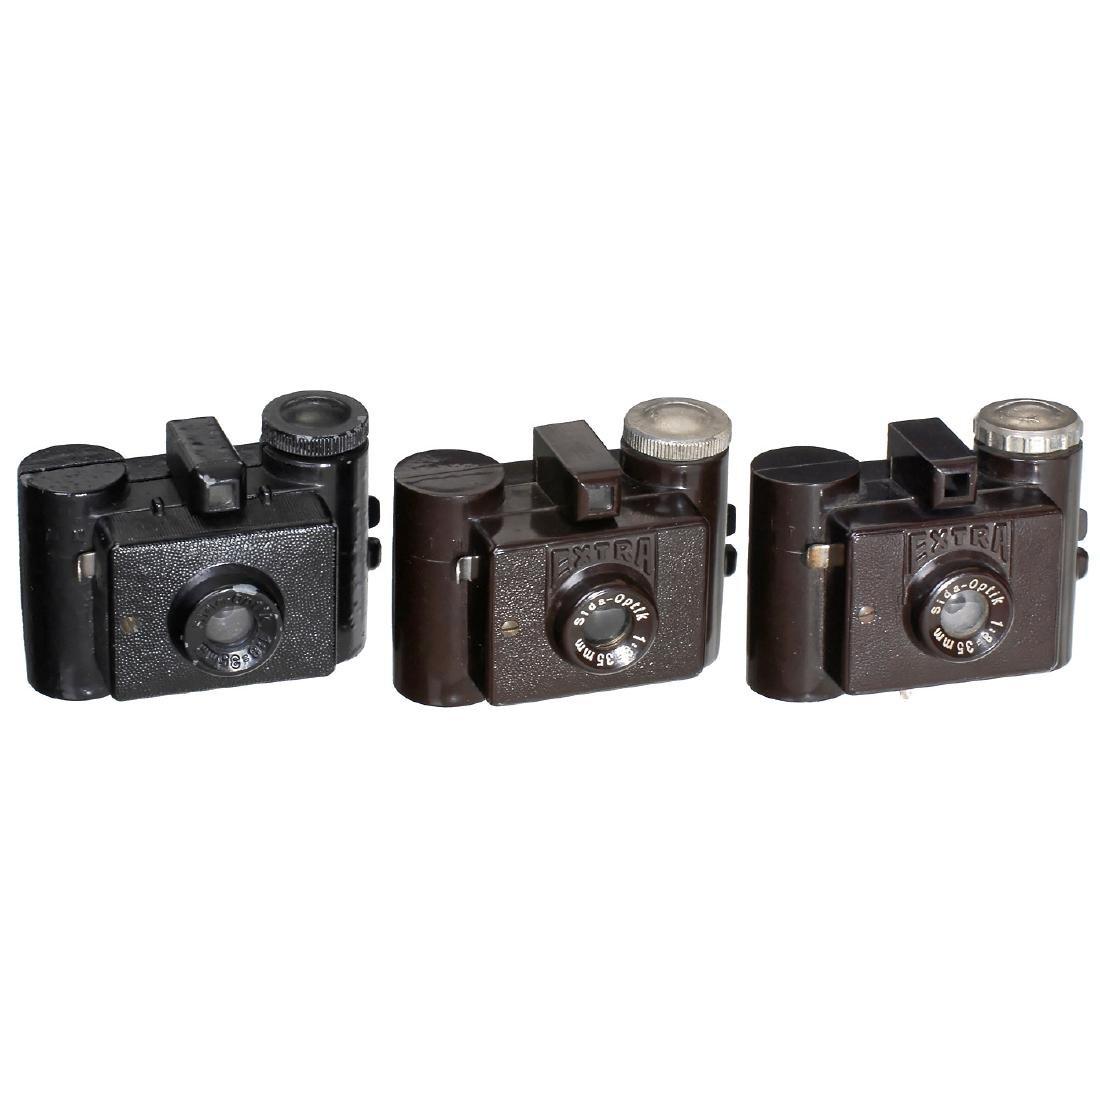 3 Sida Cameras, 1956